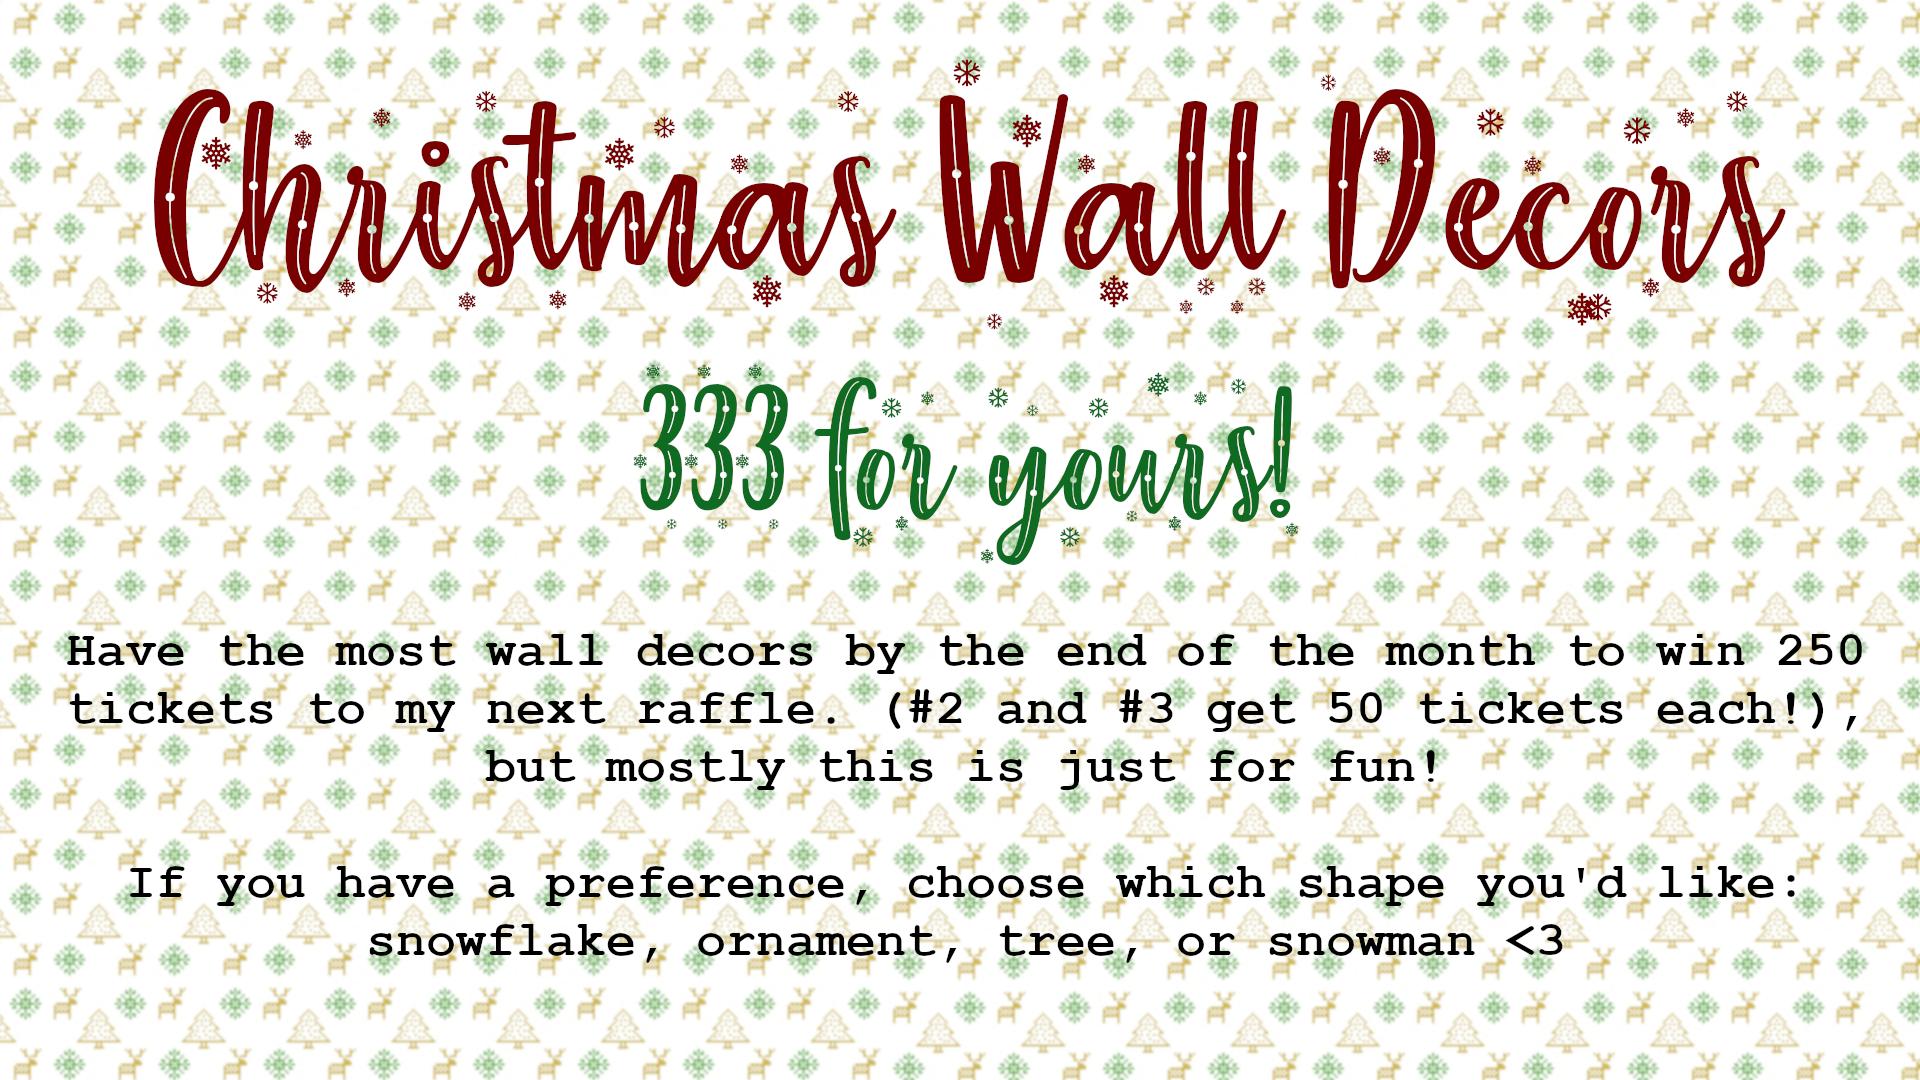 WallDecors